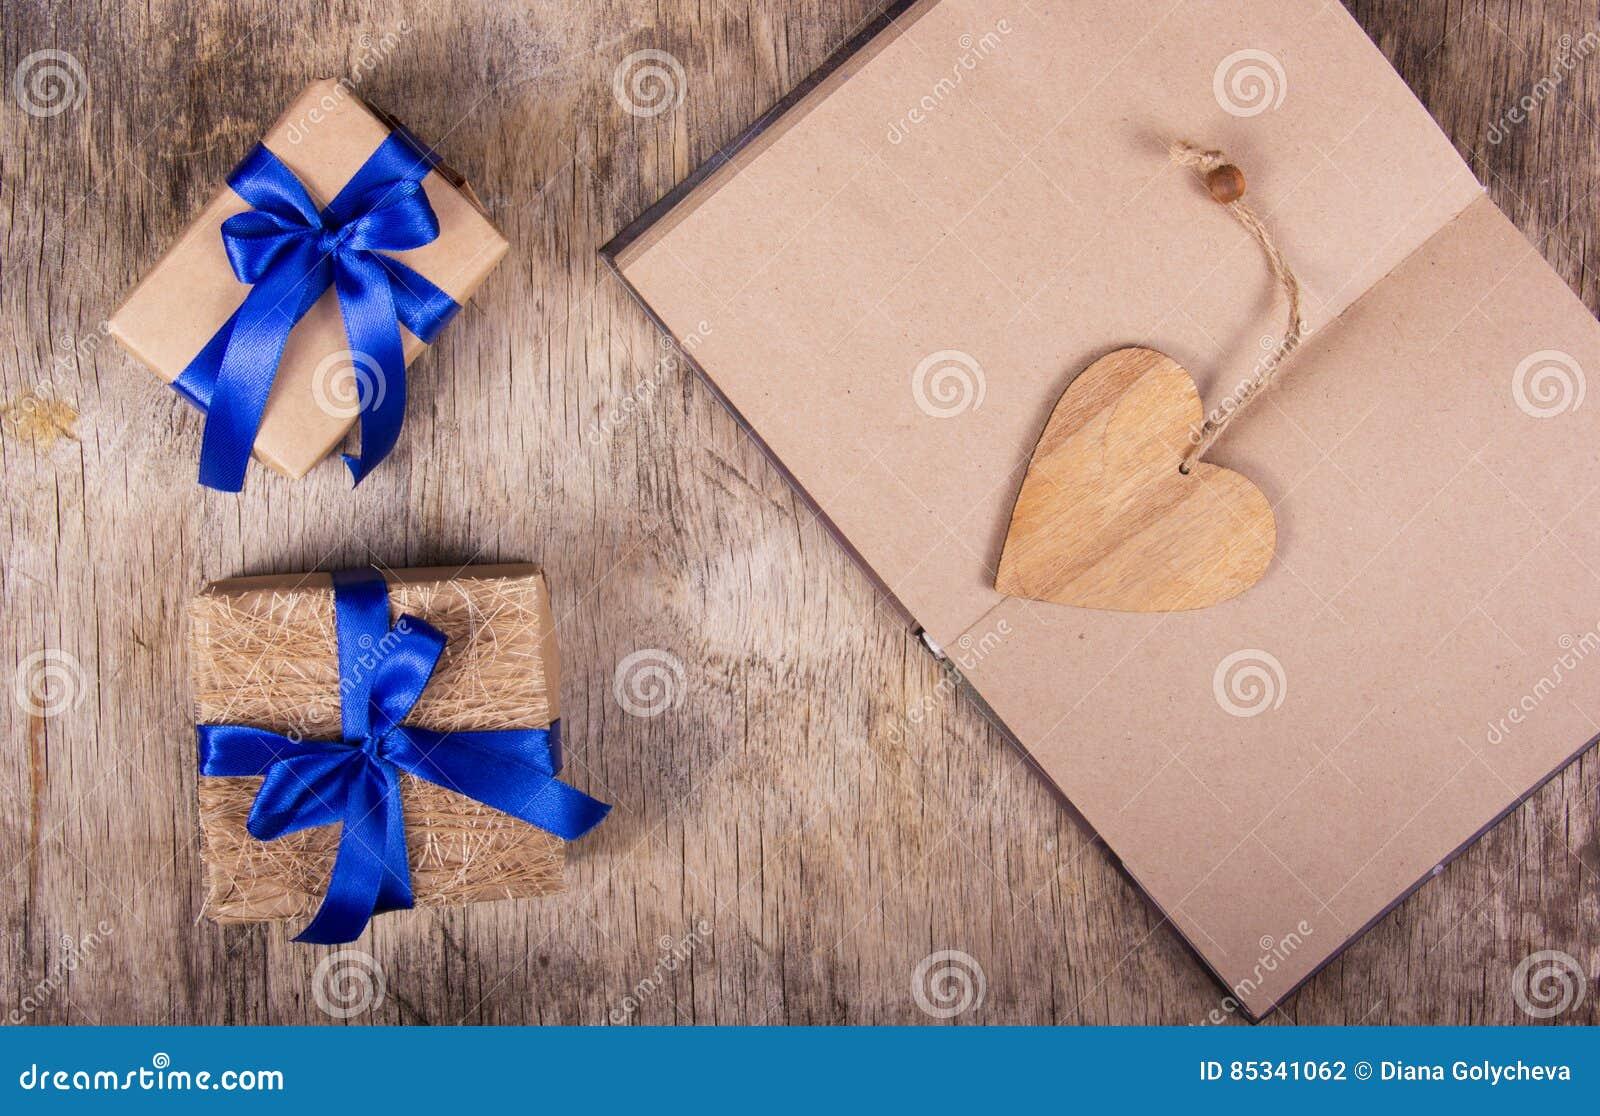 Open die notitieboekje met blanco pagina s, valentijnskaart van hout wordt gemaakt en vakjes met giften Giftdozen met blauw lint